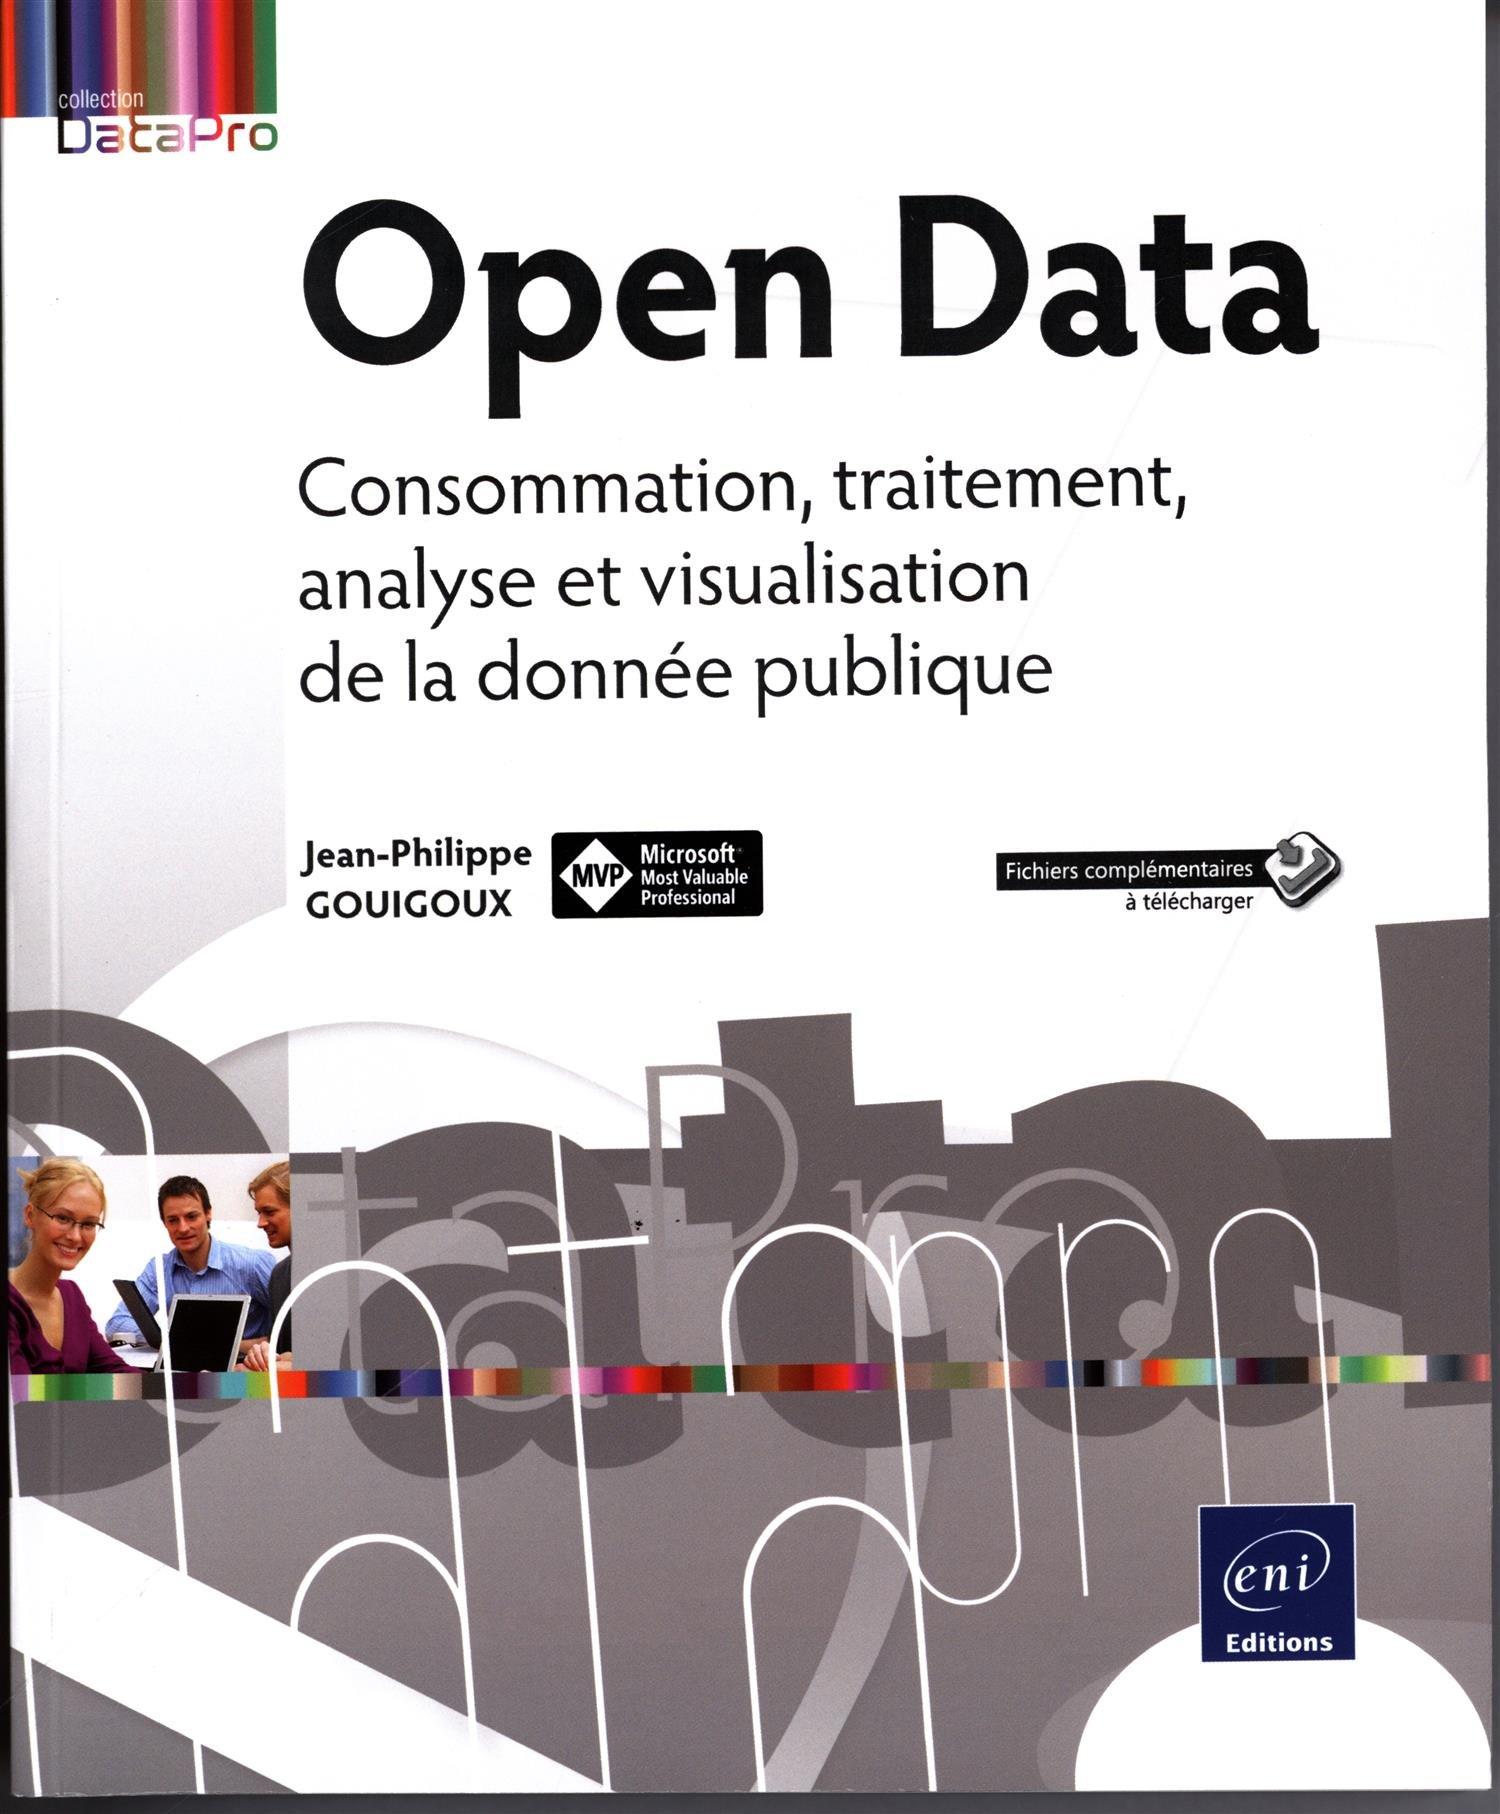 Open Data - Consommation, traitement, analyse et visualisation de la donnée publique Broché – 8 juin 2016 Jean-Philippe GOUIGOUX Editions ENI 240900220X Informatique